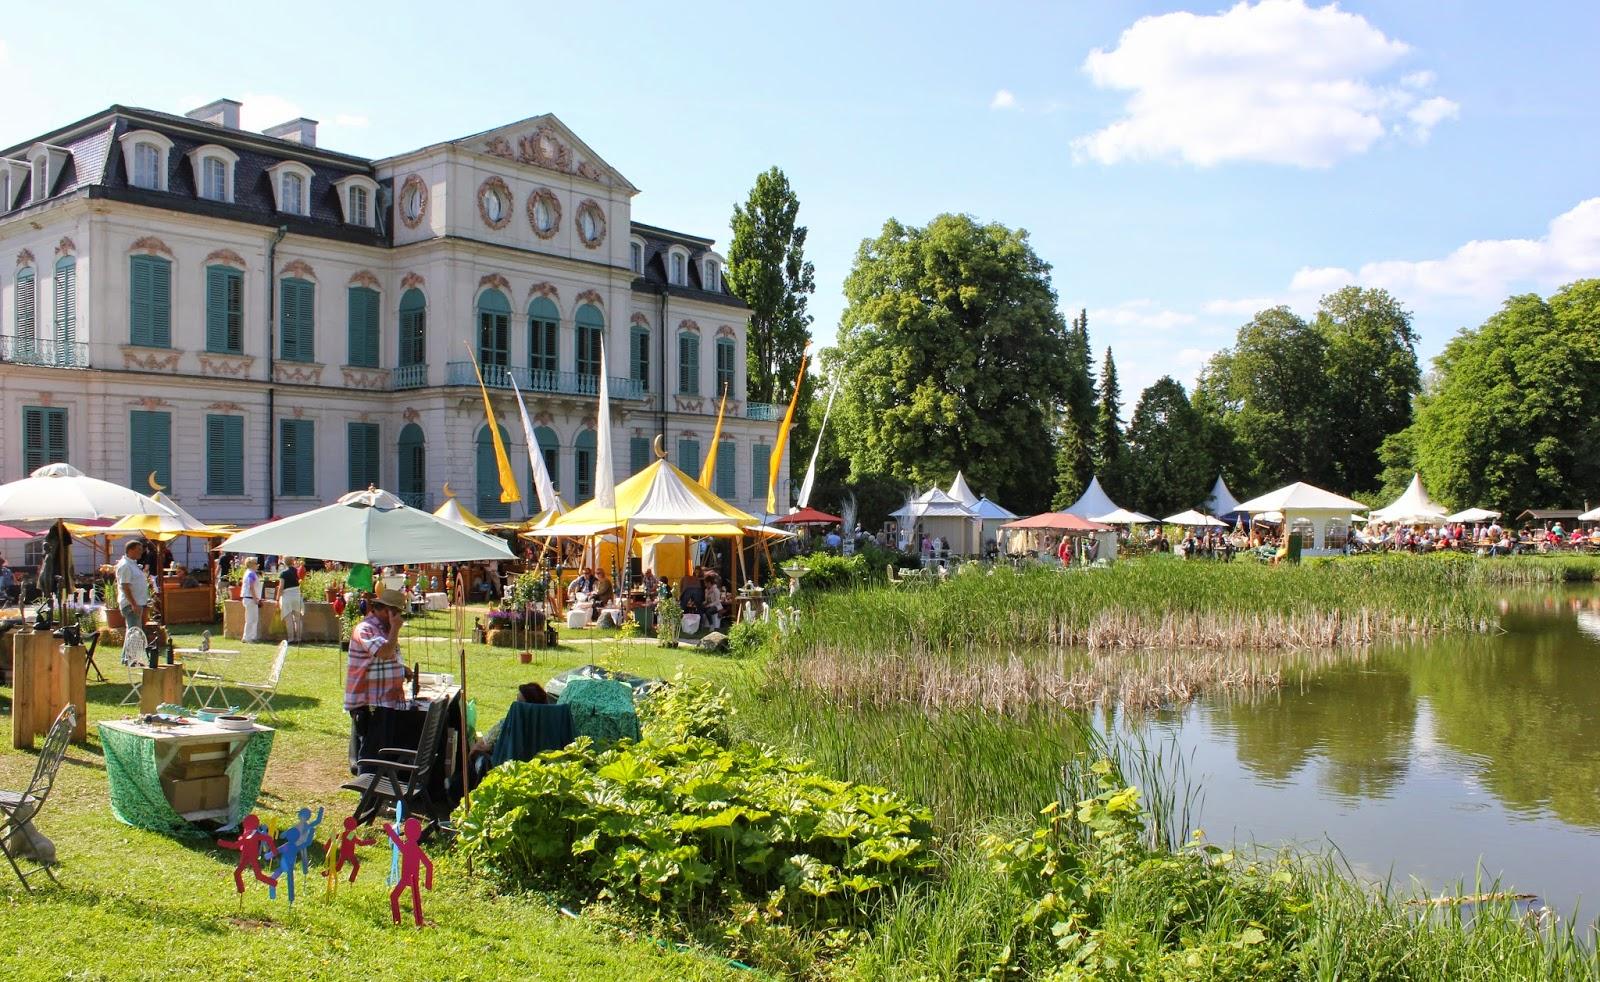 Gartenfest Wilhelmstal Kassel Calden 2014